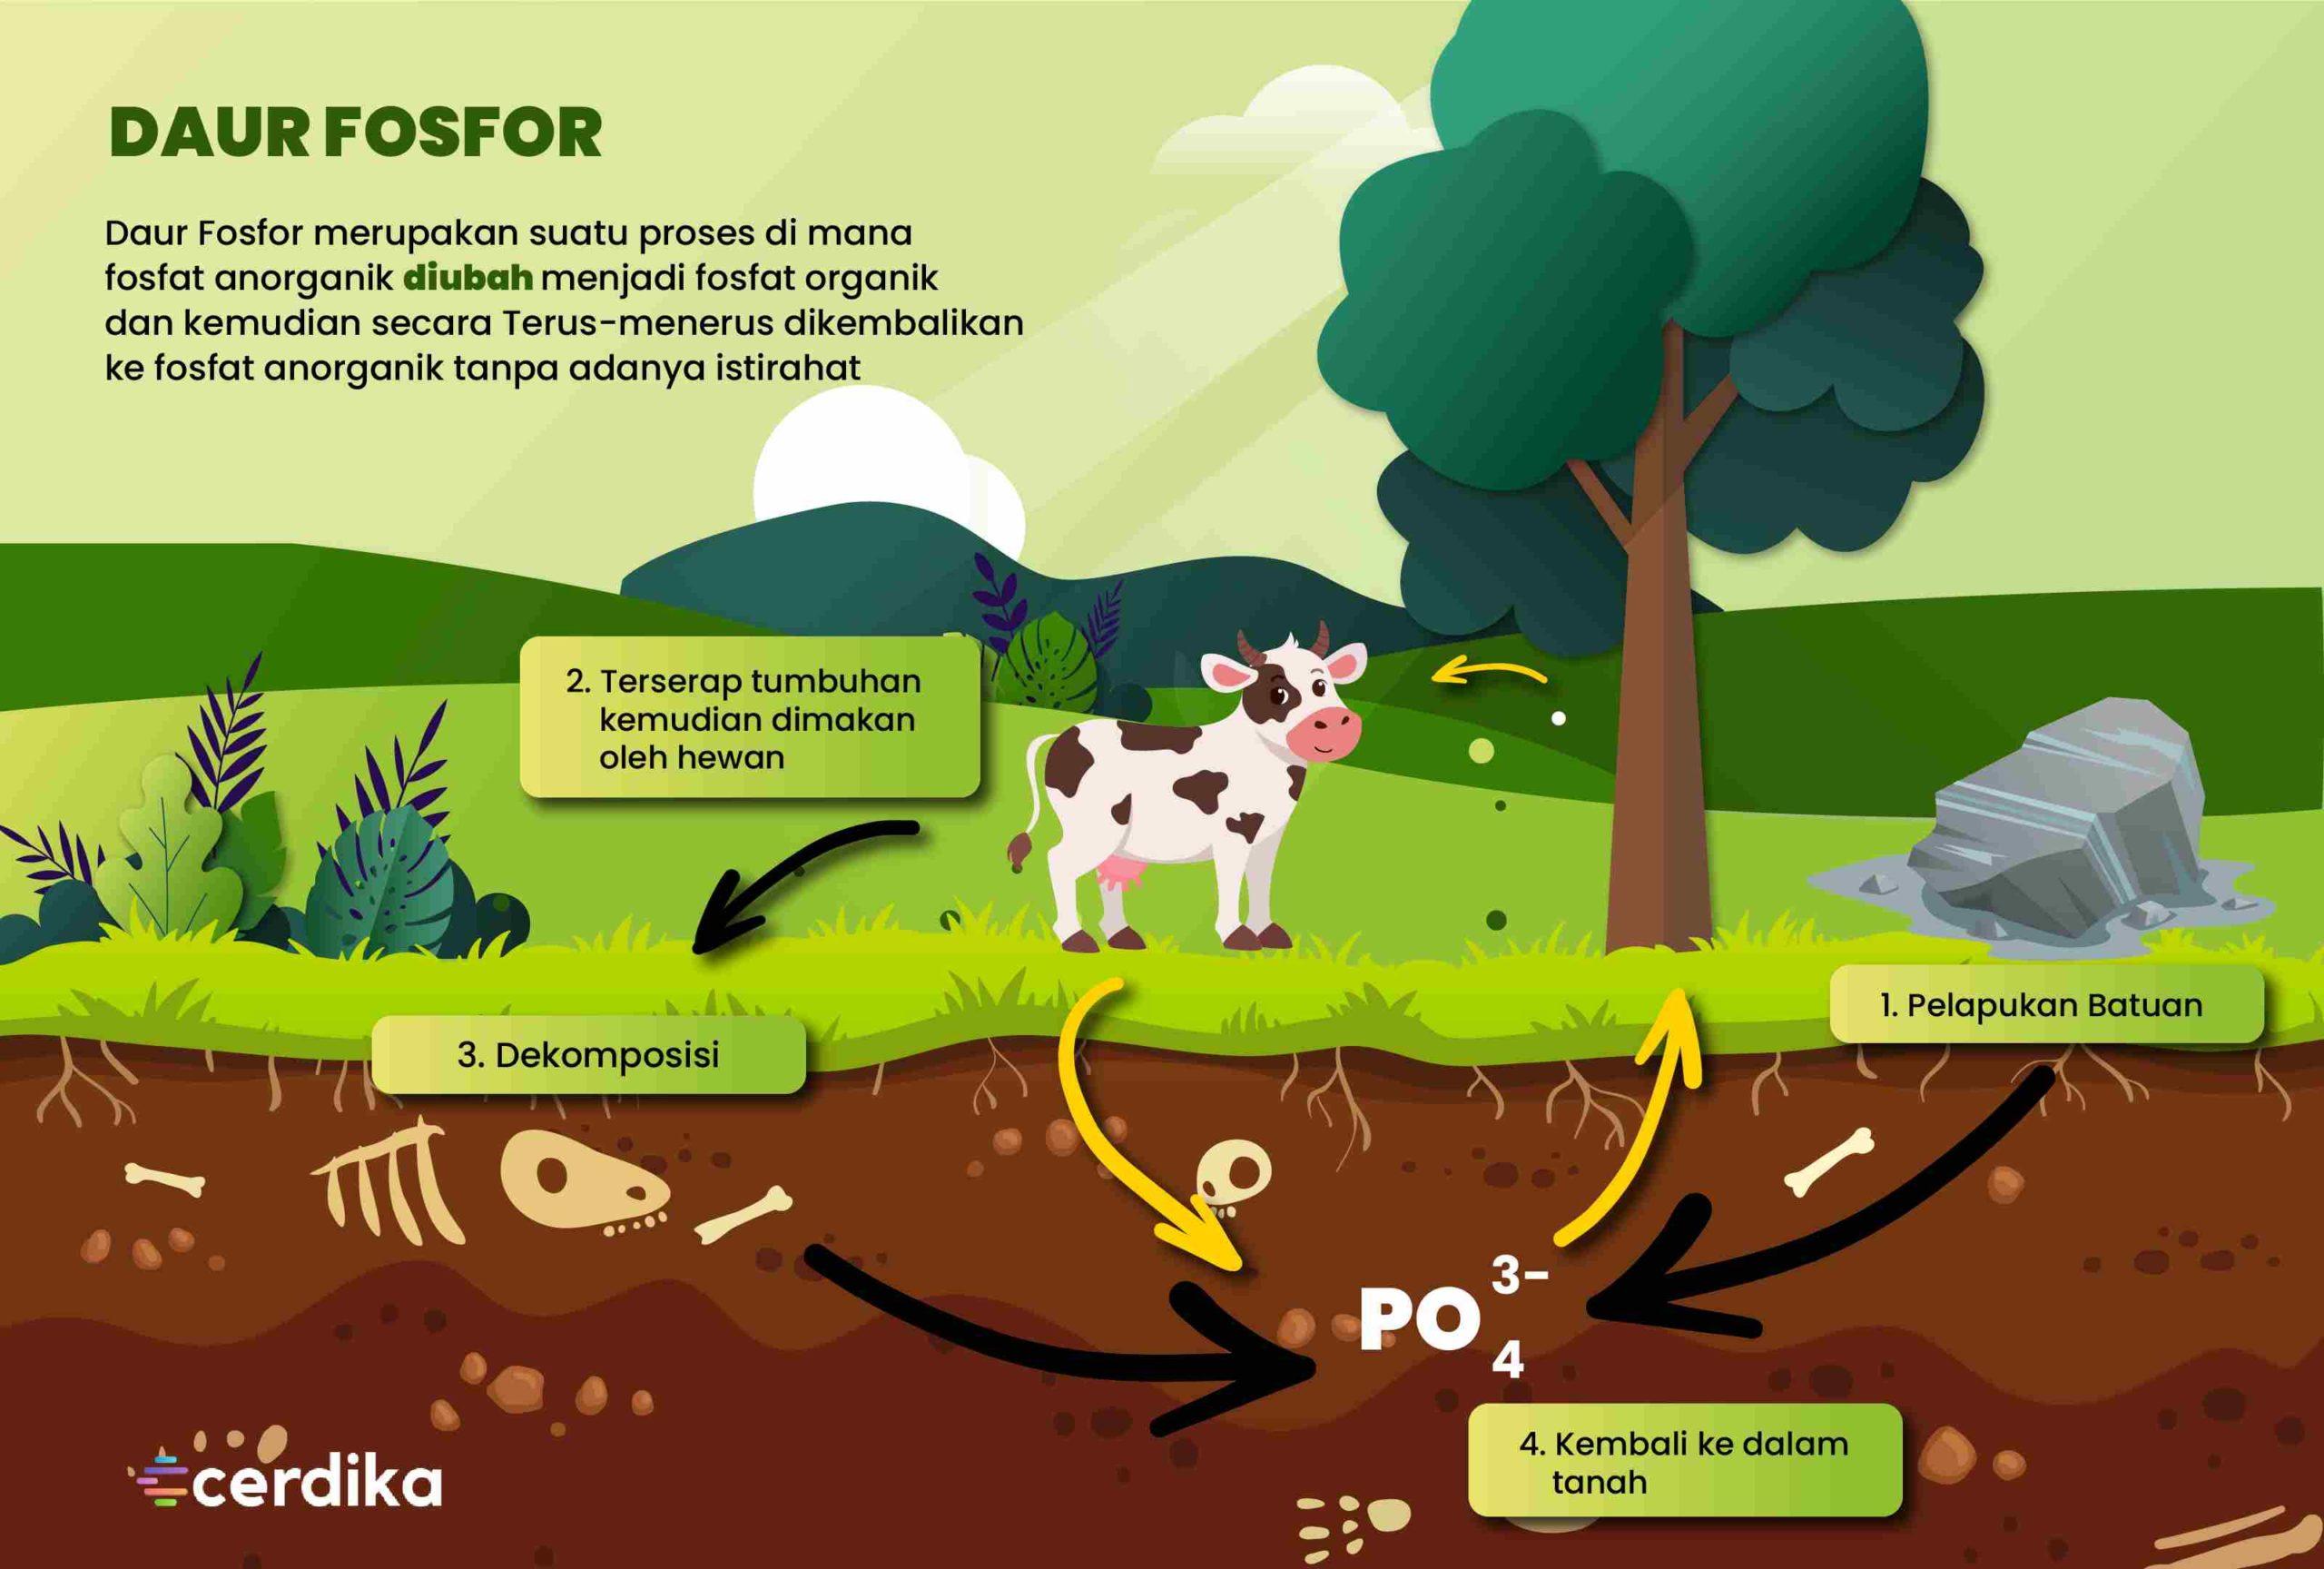 infografis daur fosfor